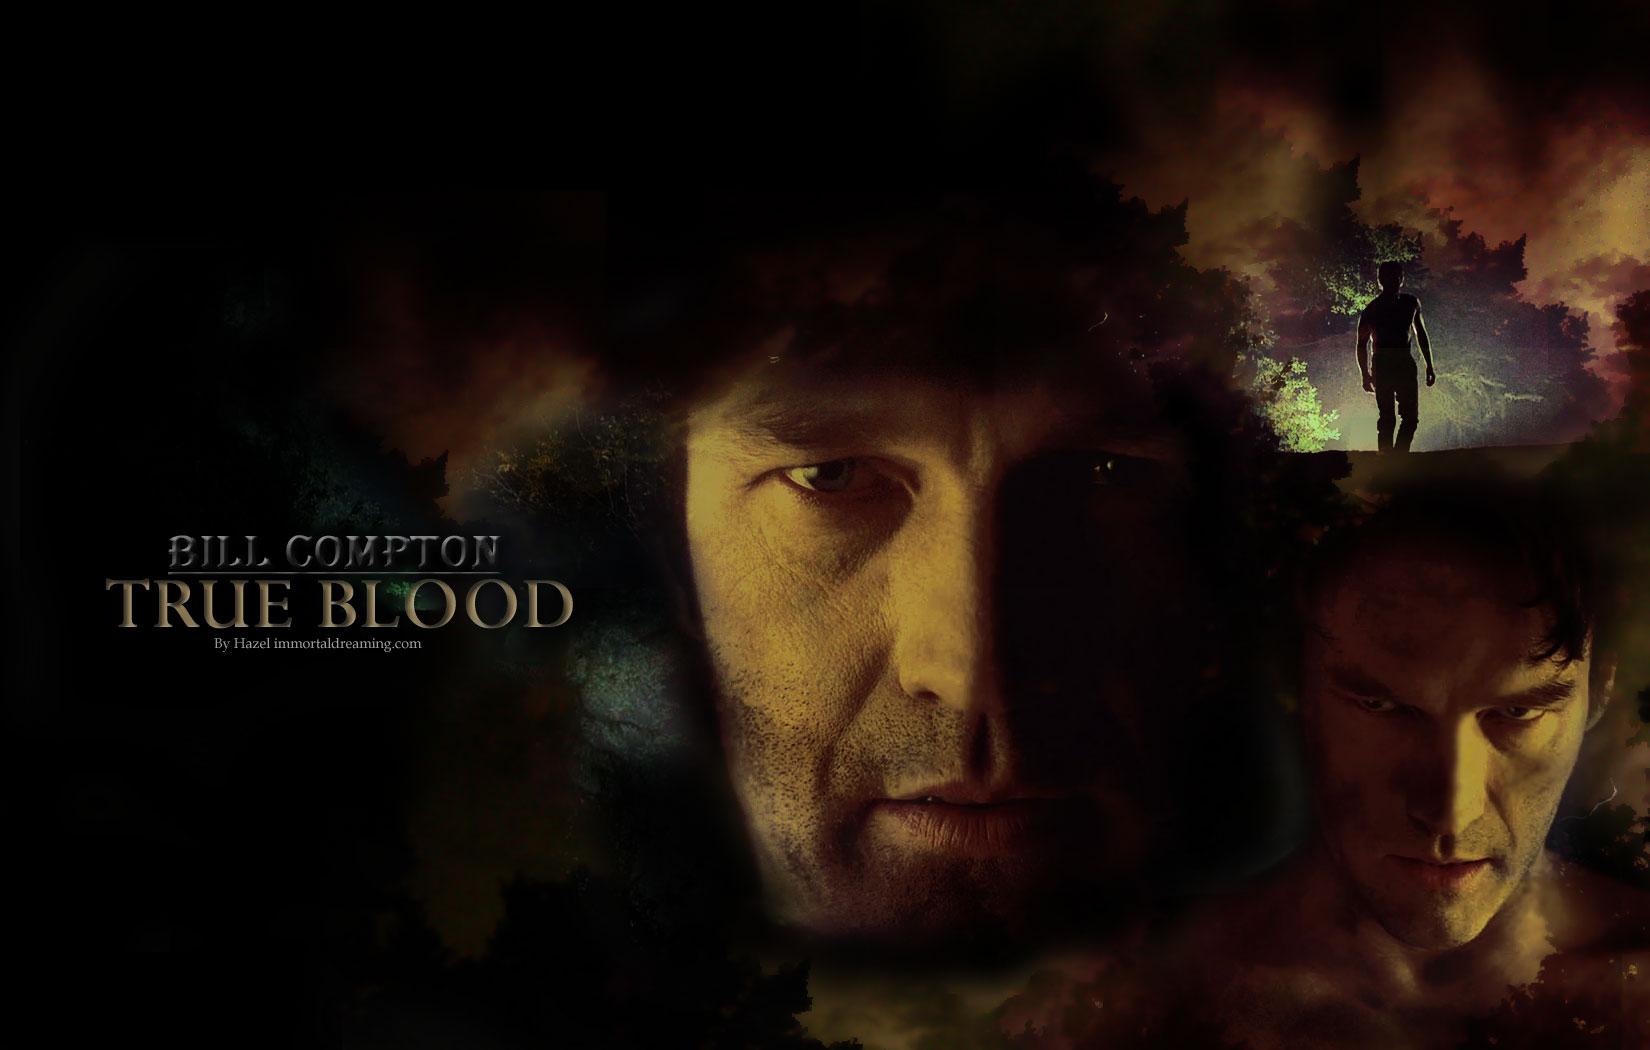 Bill Compton True Blood